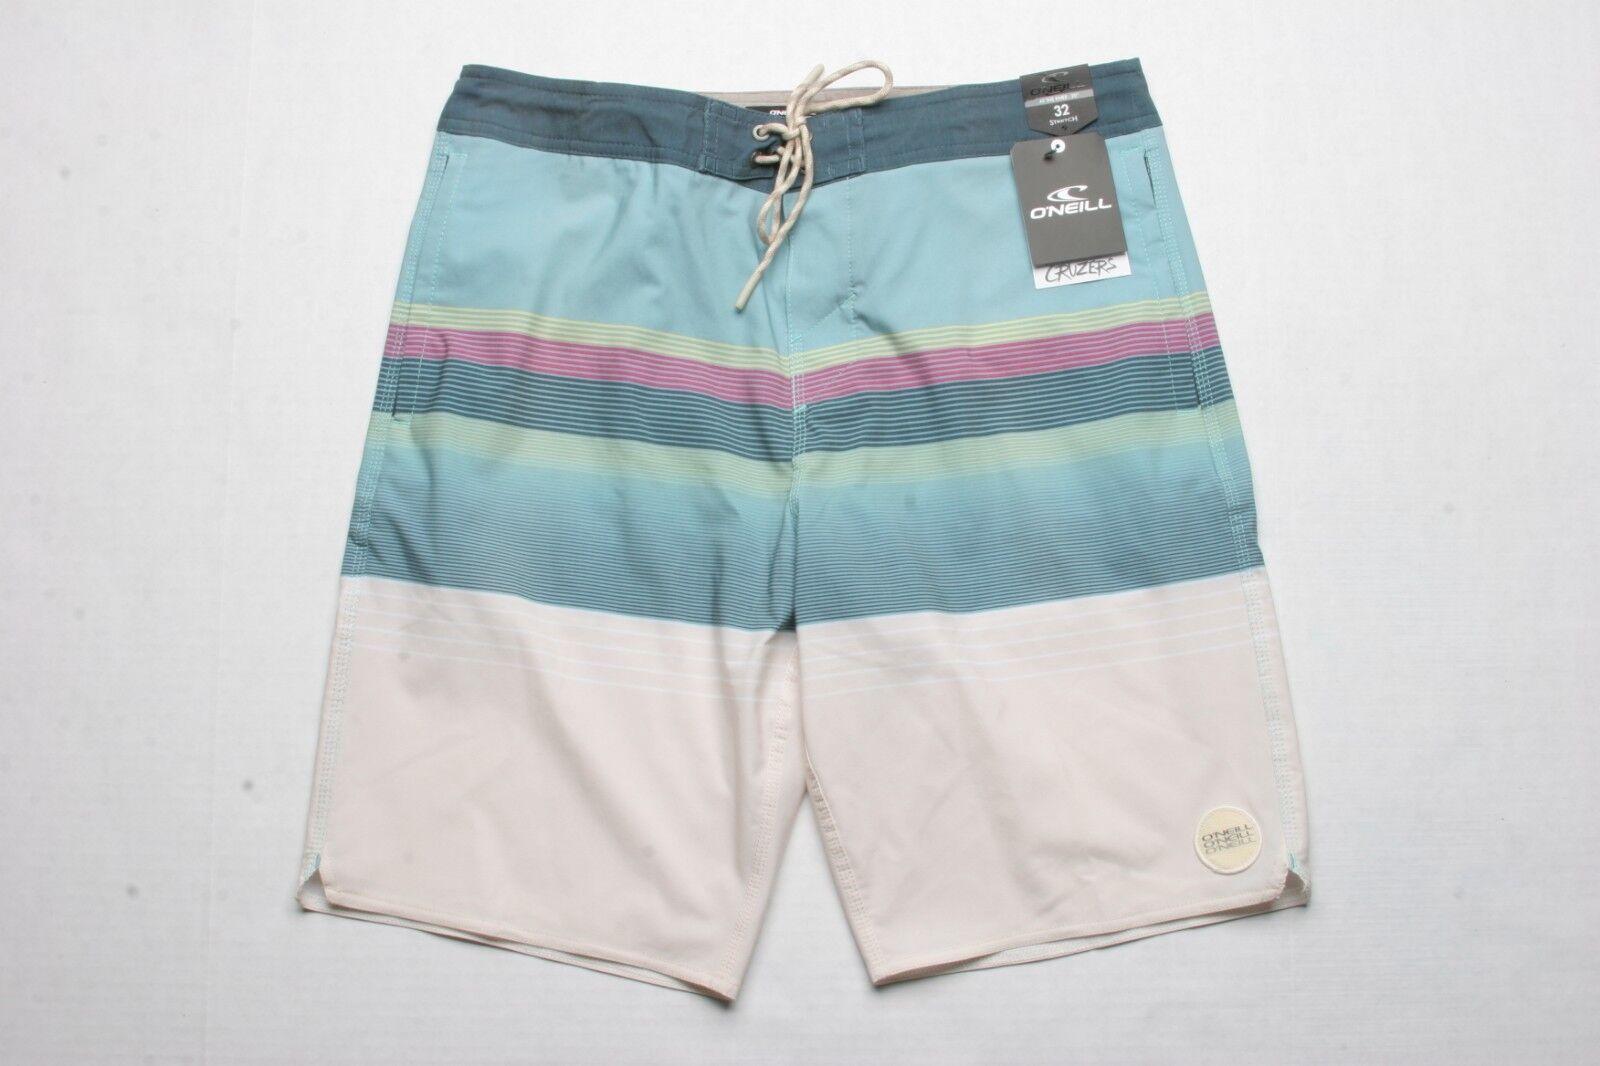 O'Neill Stripe Club Cruzer Boardshort (32) Aqua